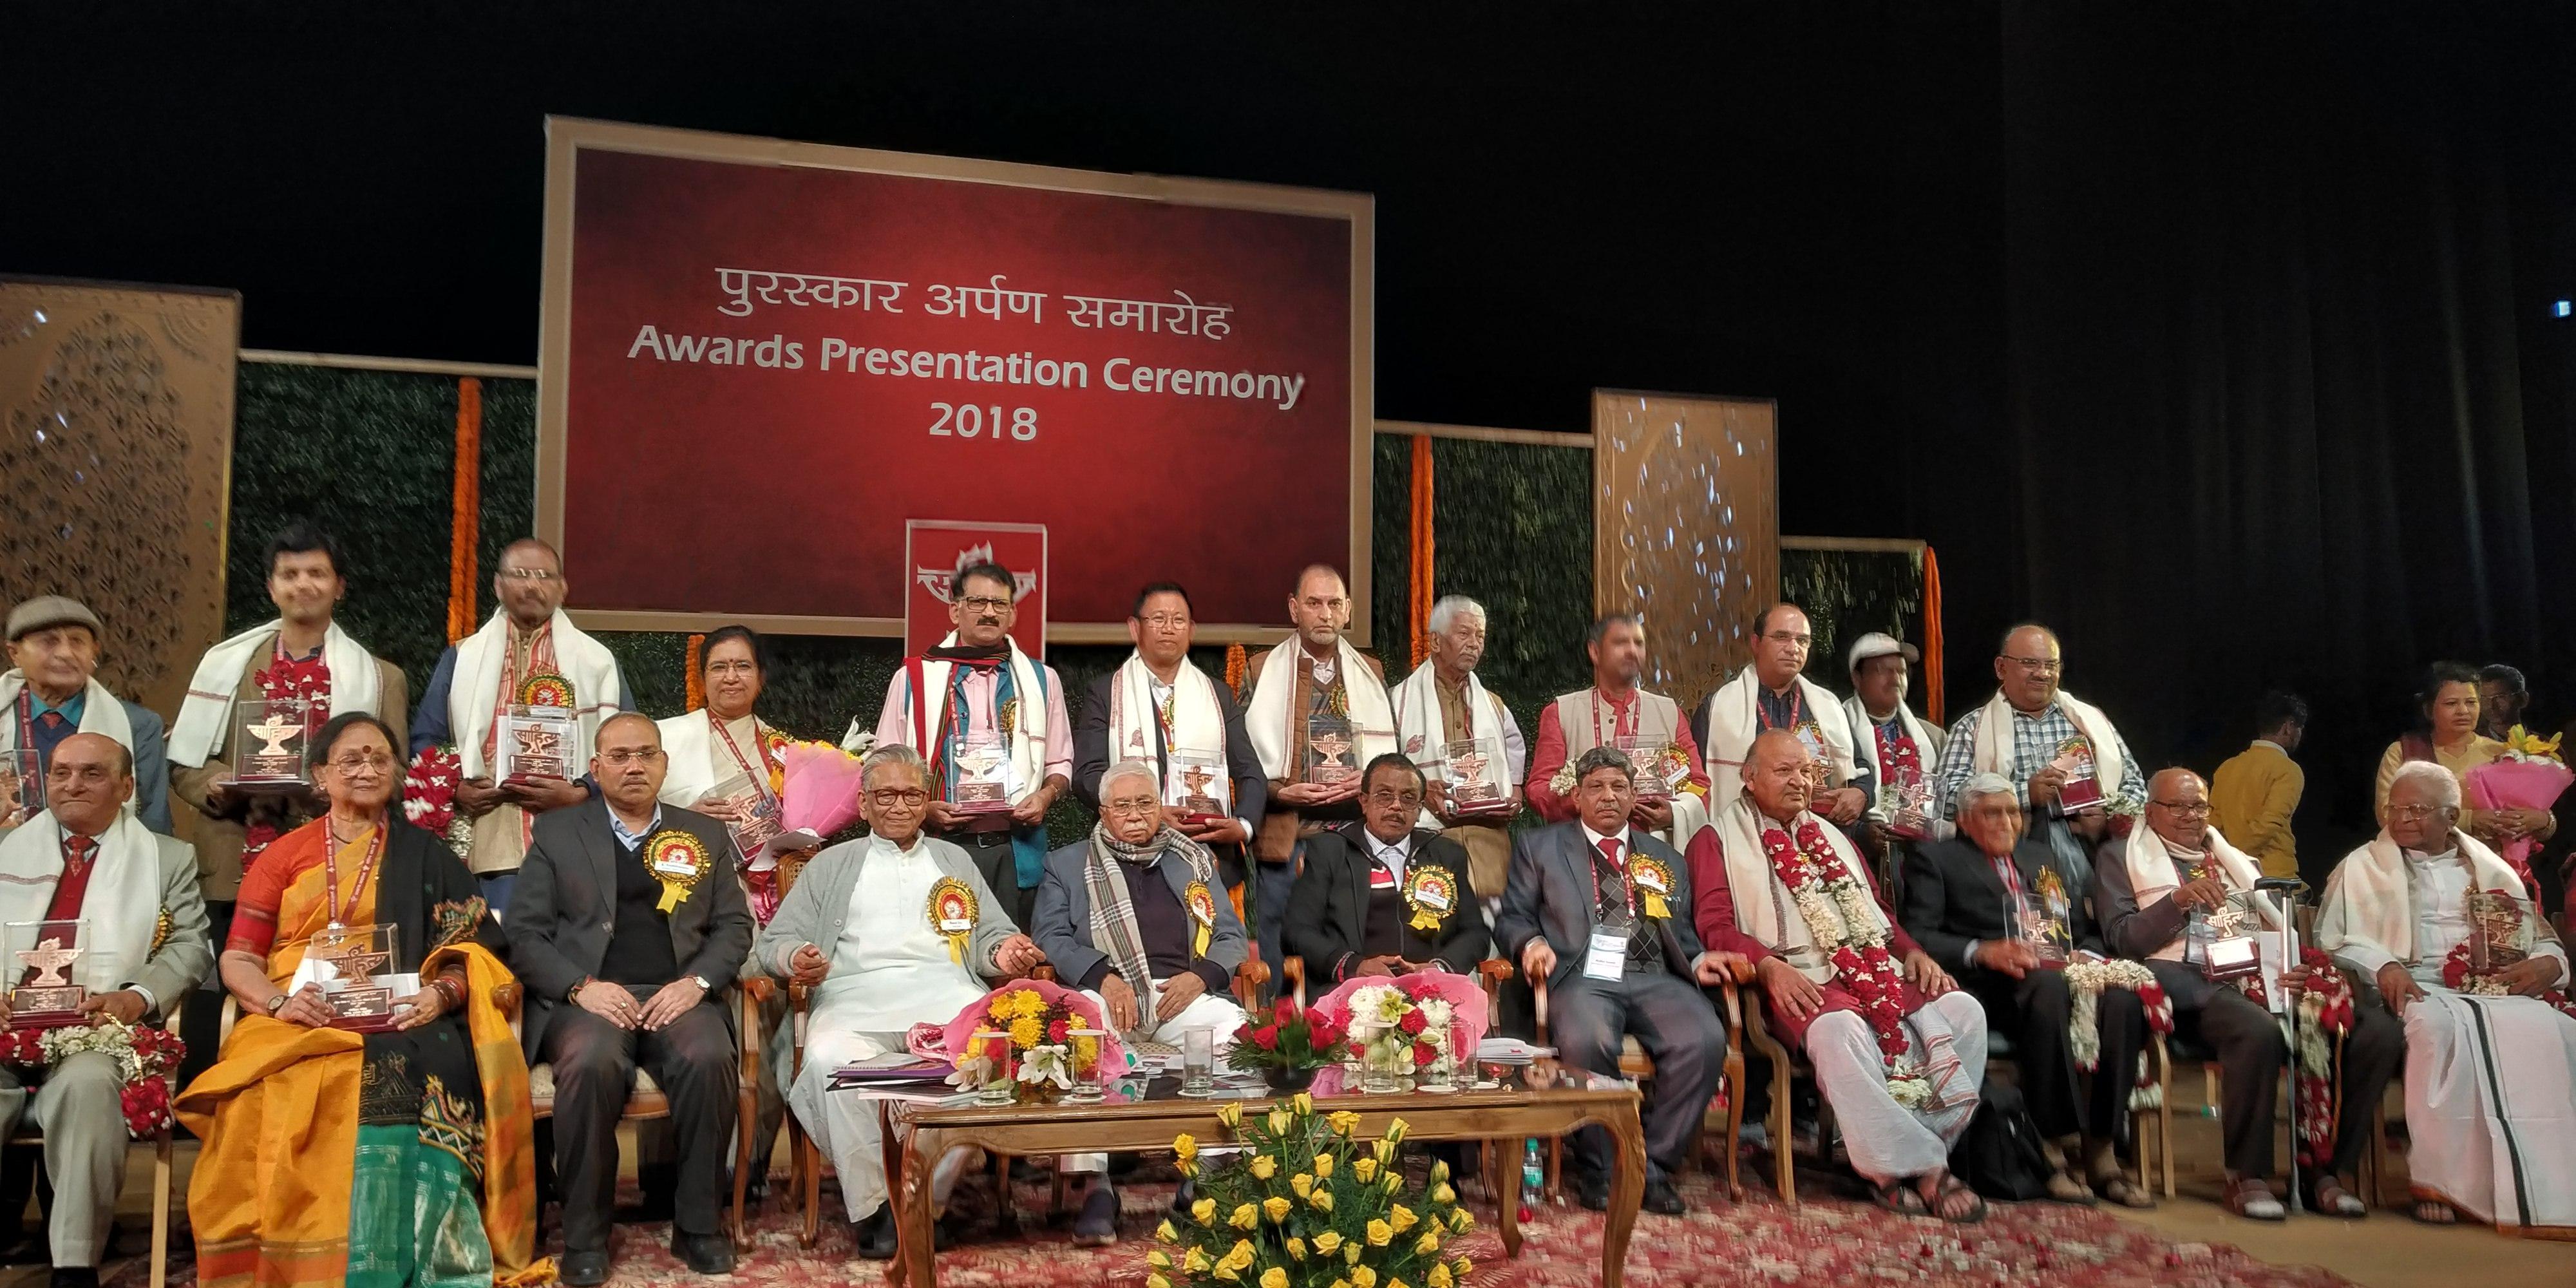 விருதுபெற்றவர்களுடன் எஸ்.ராமகிருஷ்ணன்